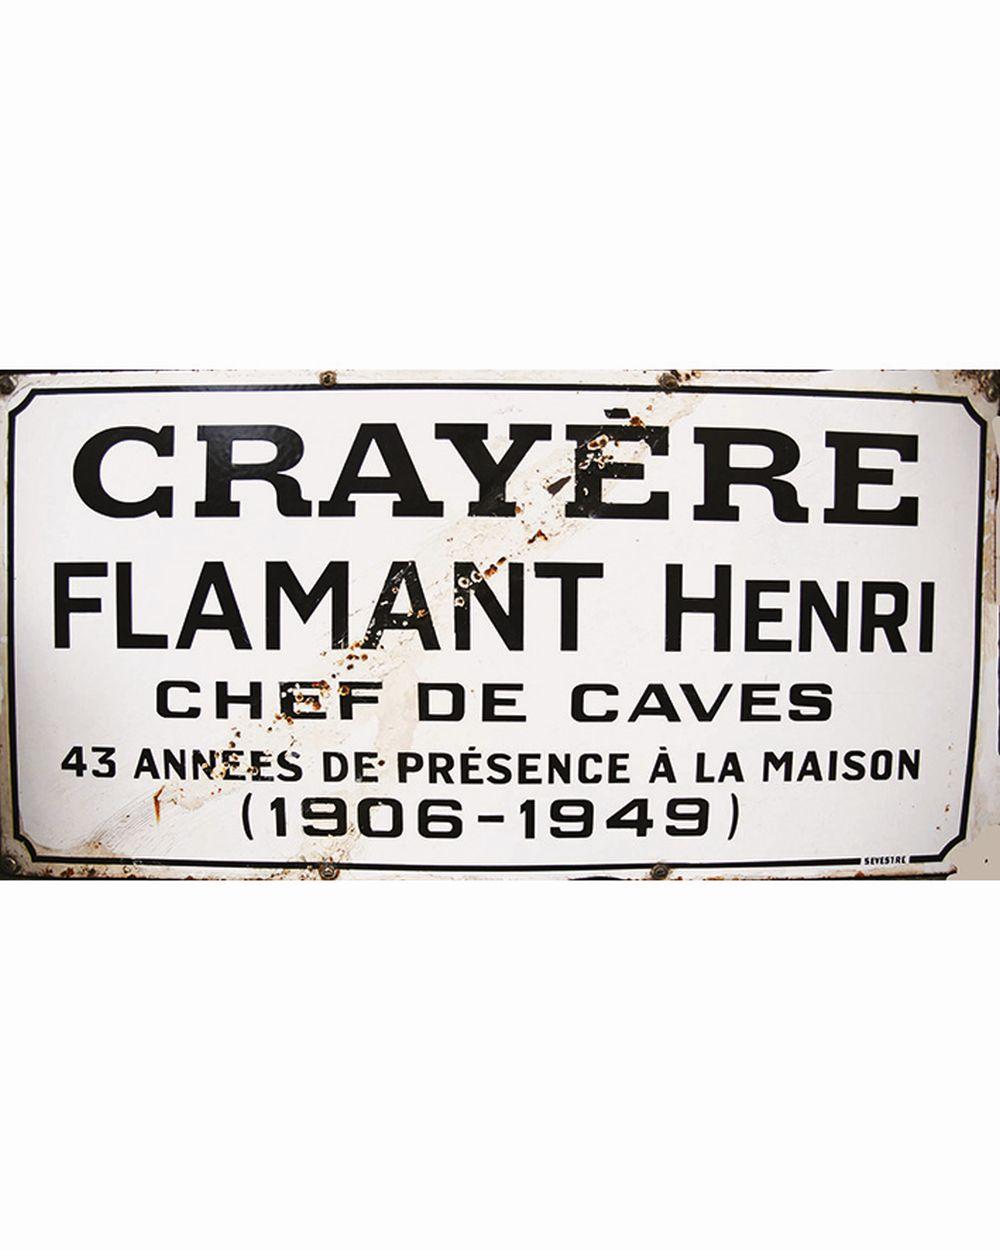 Champagne Ruinart Crayère Flamant Henri Chef de Caves 43 années de Présence à la Maison 1906- 1949 )     1949